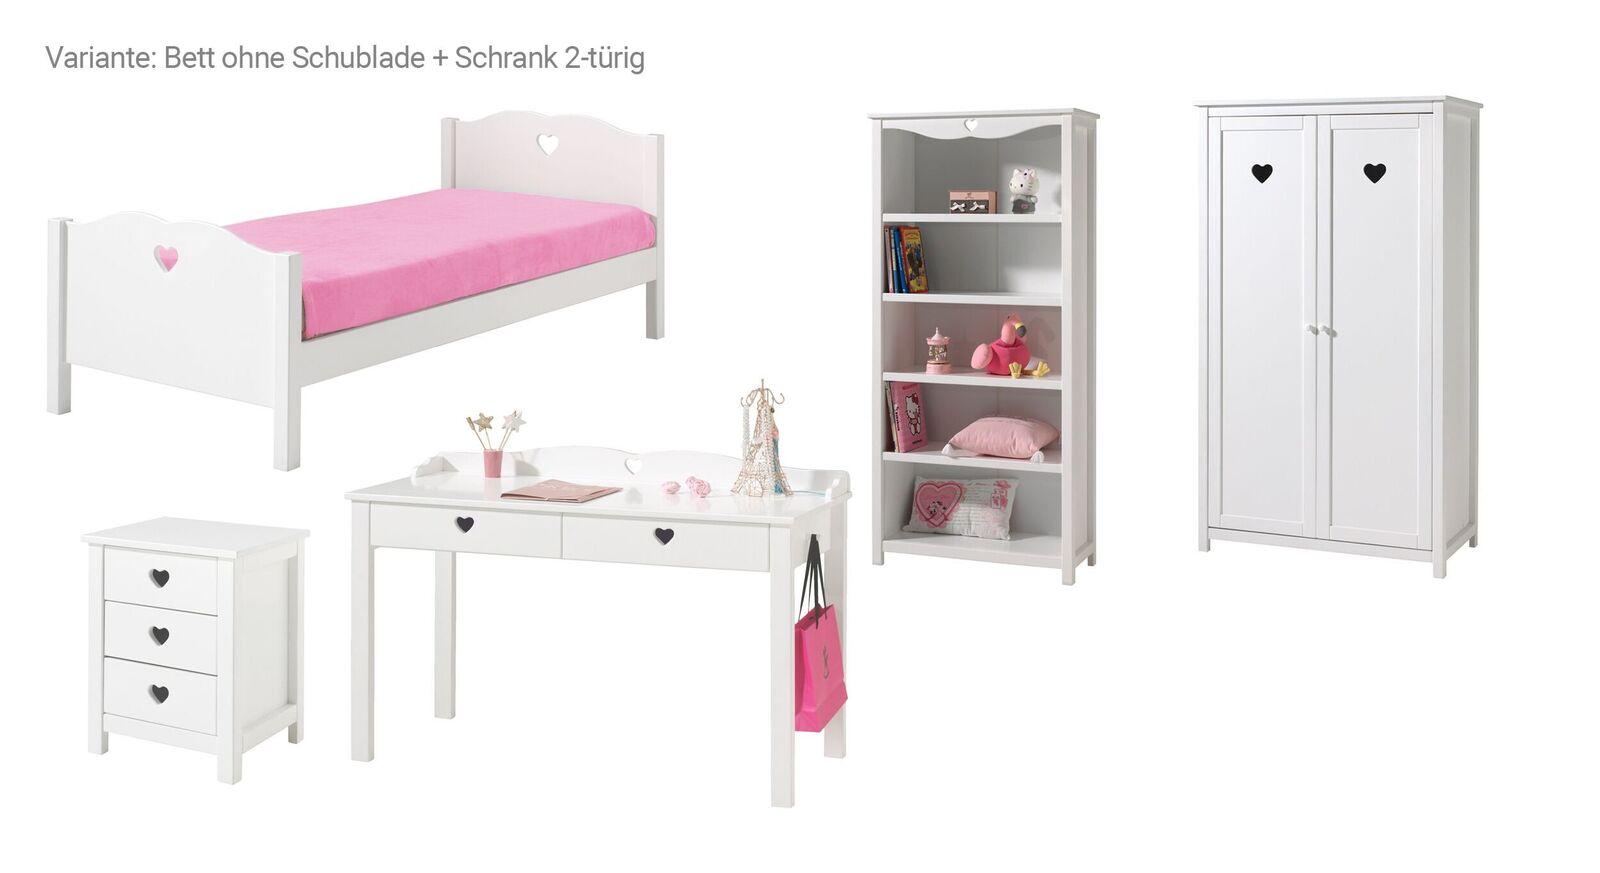 5-tlg Jugendzimmer Asami Bett ohne Schublade und 2-türiger Schrank